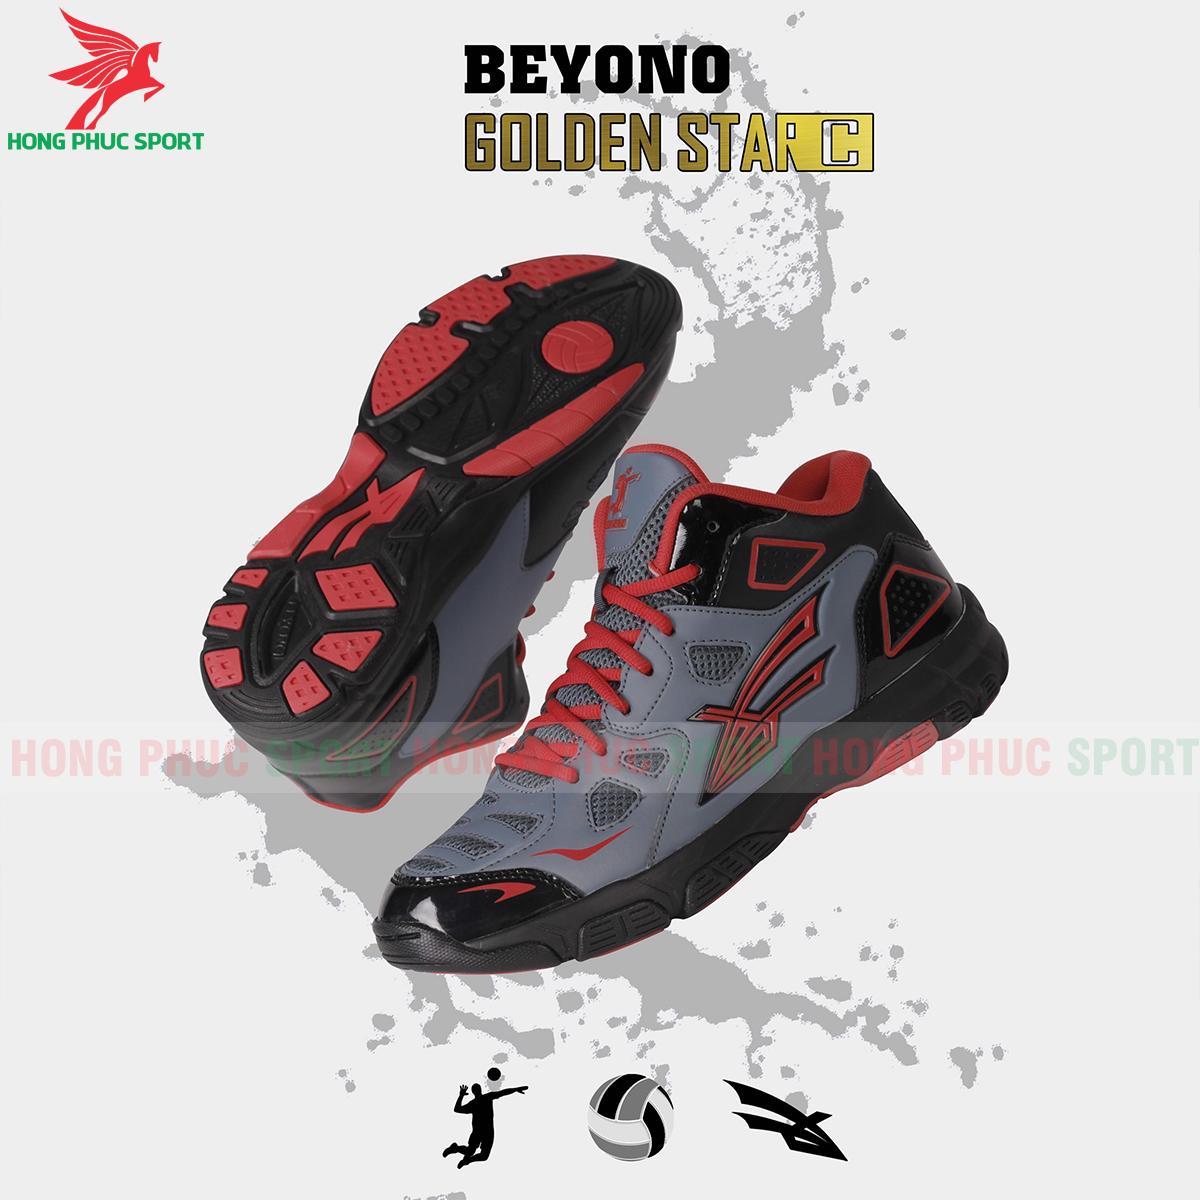 Giày bóng chuyền Beyono Golden Star C màu đen xám